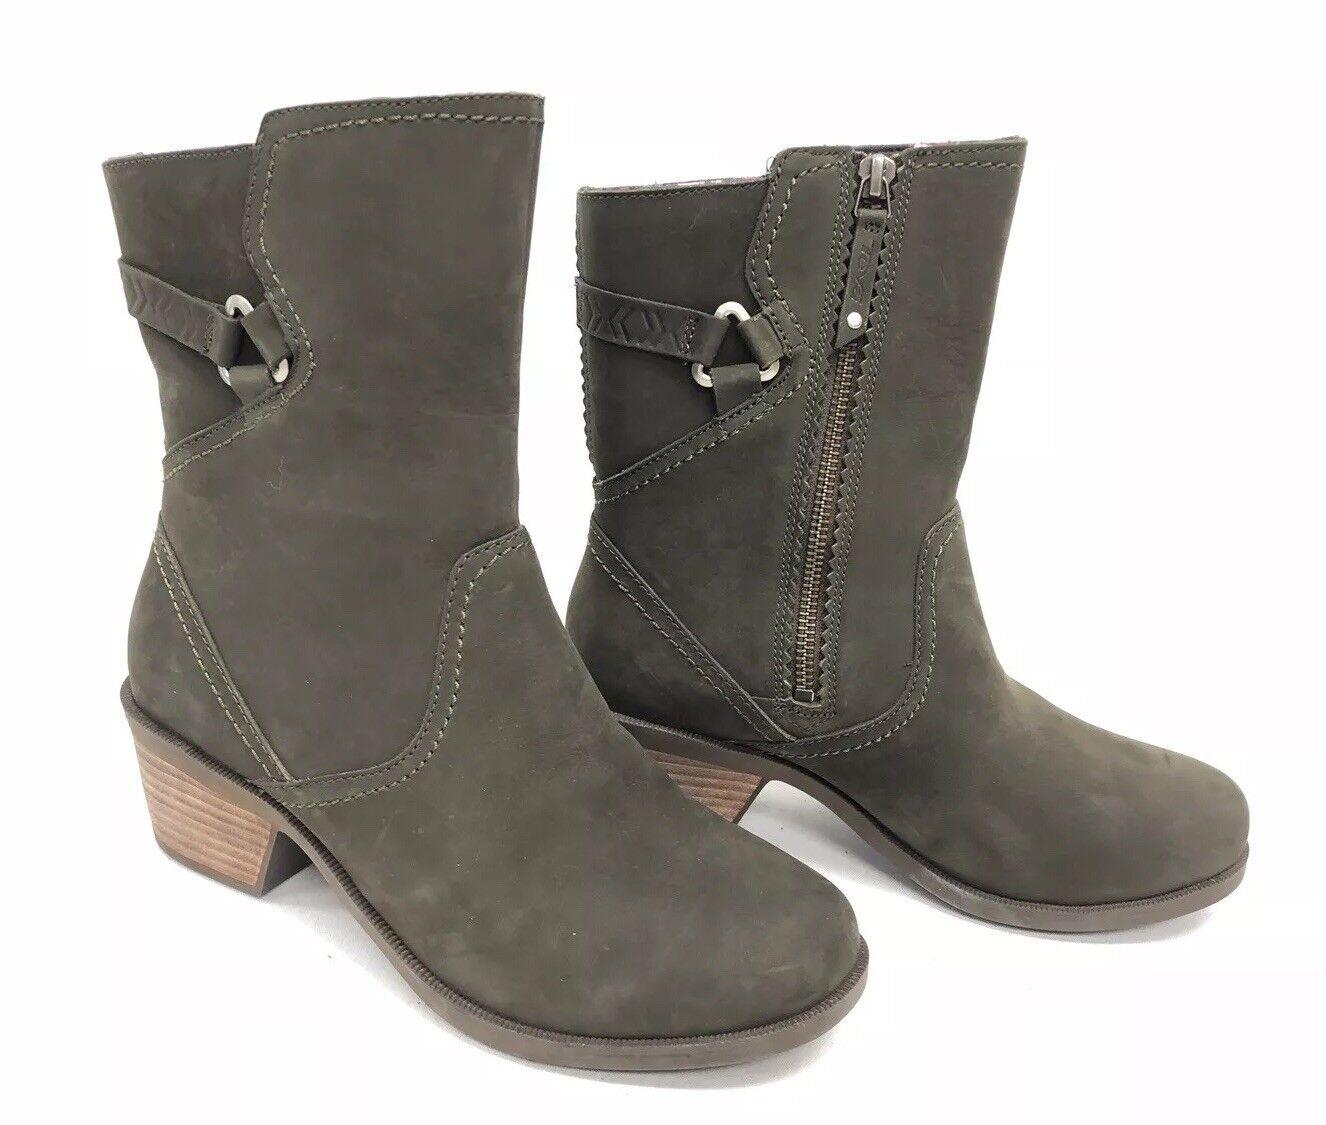 Teva Teva Teva Foxy Medio Negro de cuero nobuck Oliva Corto botas Tacón apilados para mujer 1008316  alta calidad